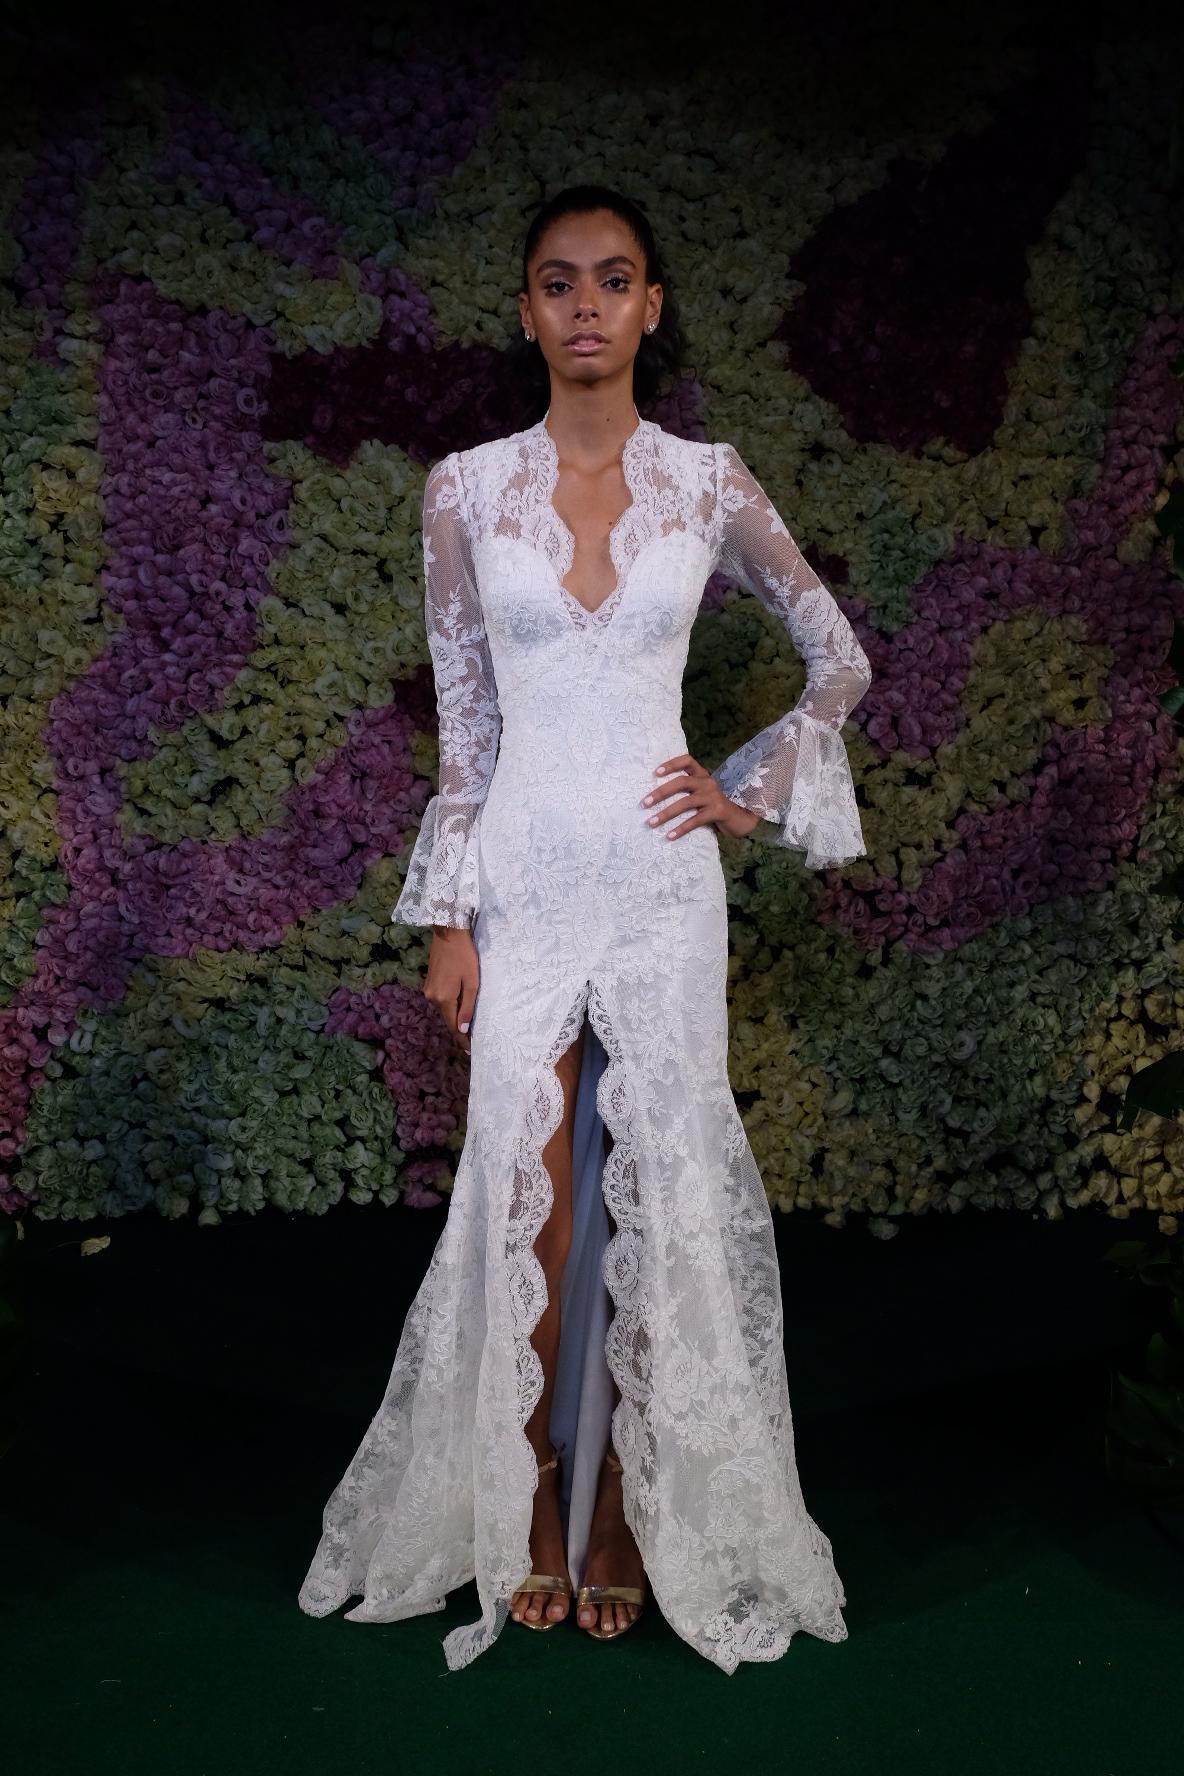 Desfile da nova coleção White laces 2018 de Lethicia Bronstein